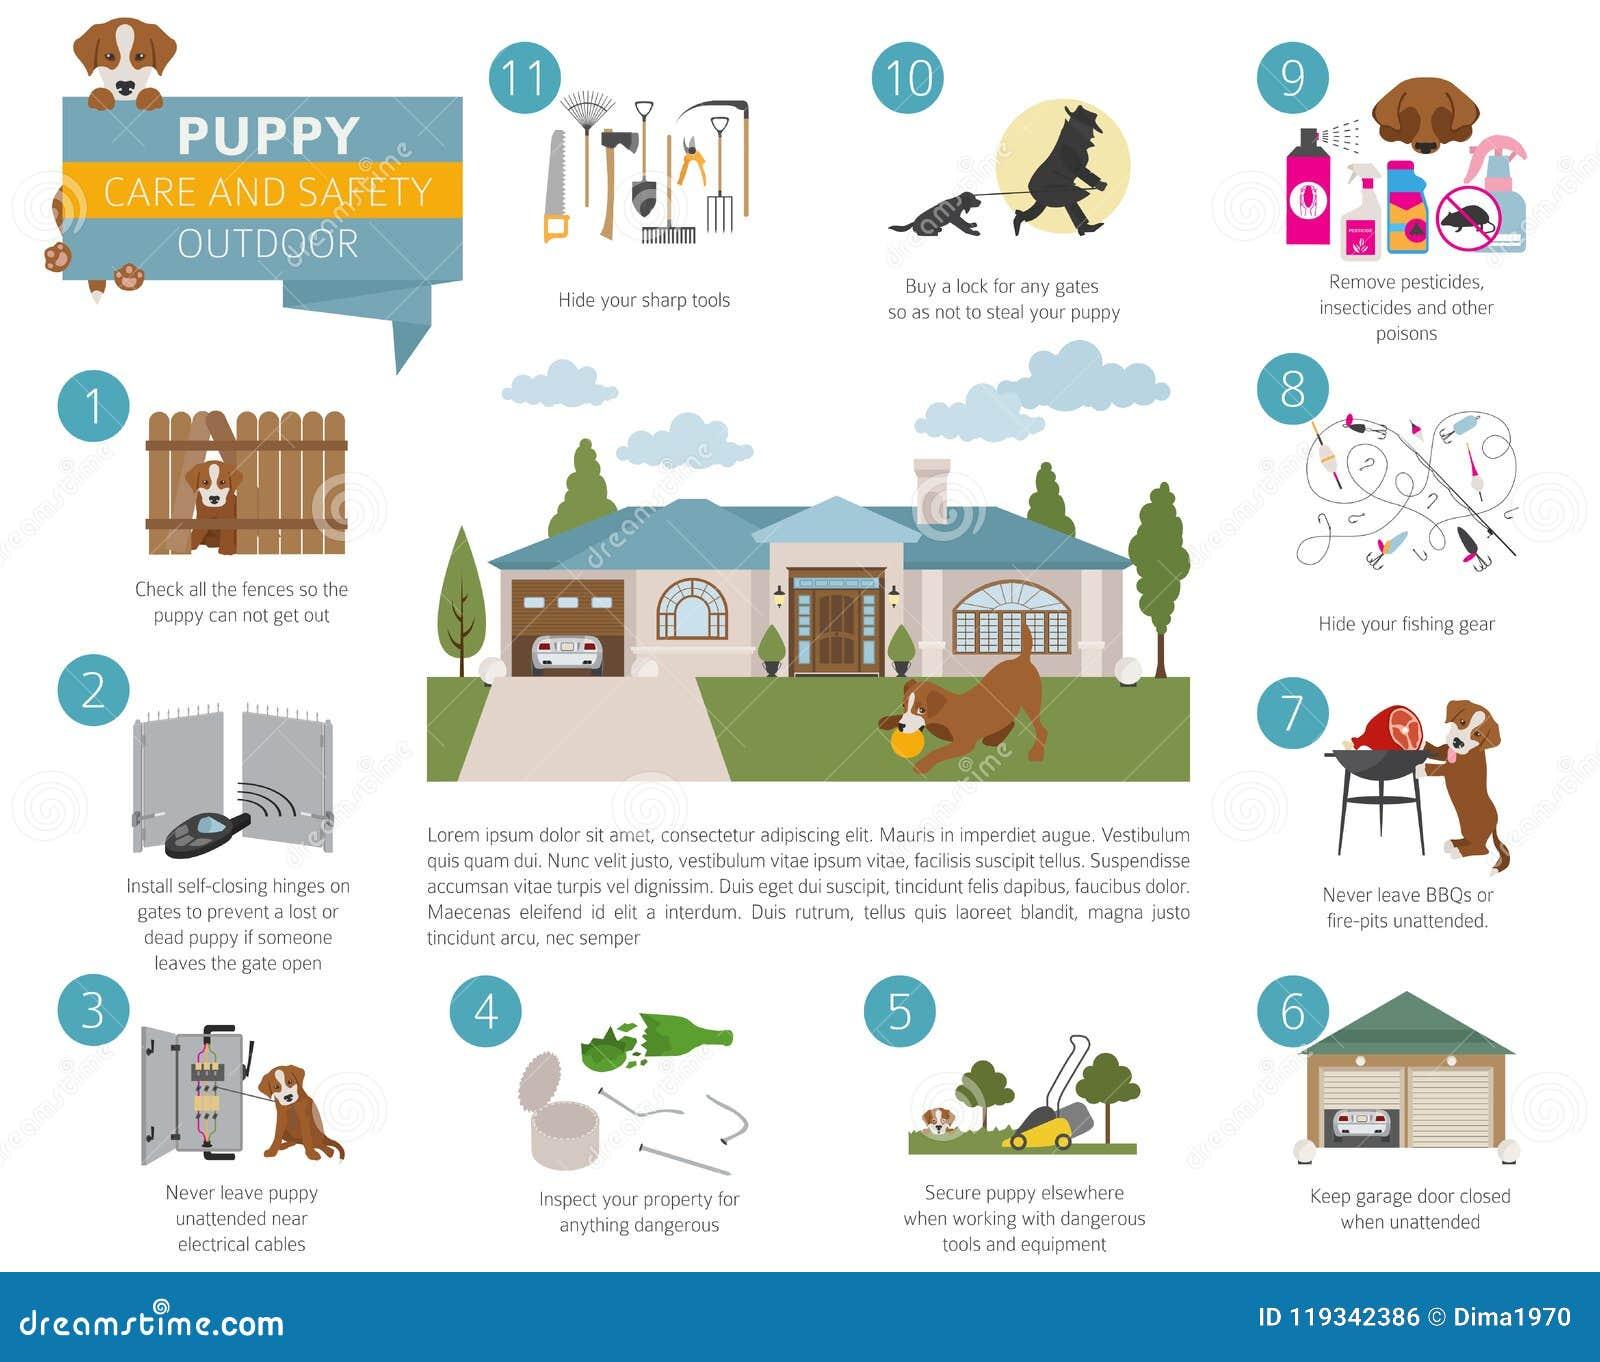 Cuidado e segurança do cachorrinho em sua casa outdoor Treinamento do cão de estimação dentro